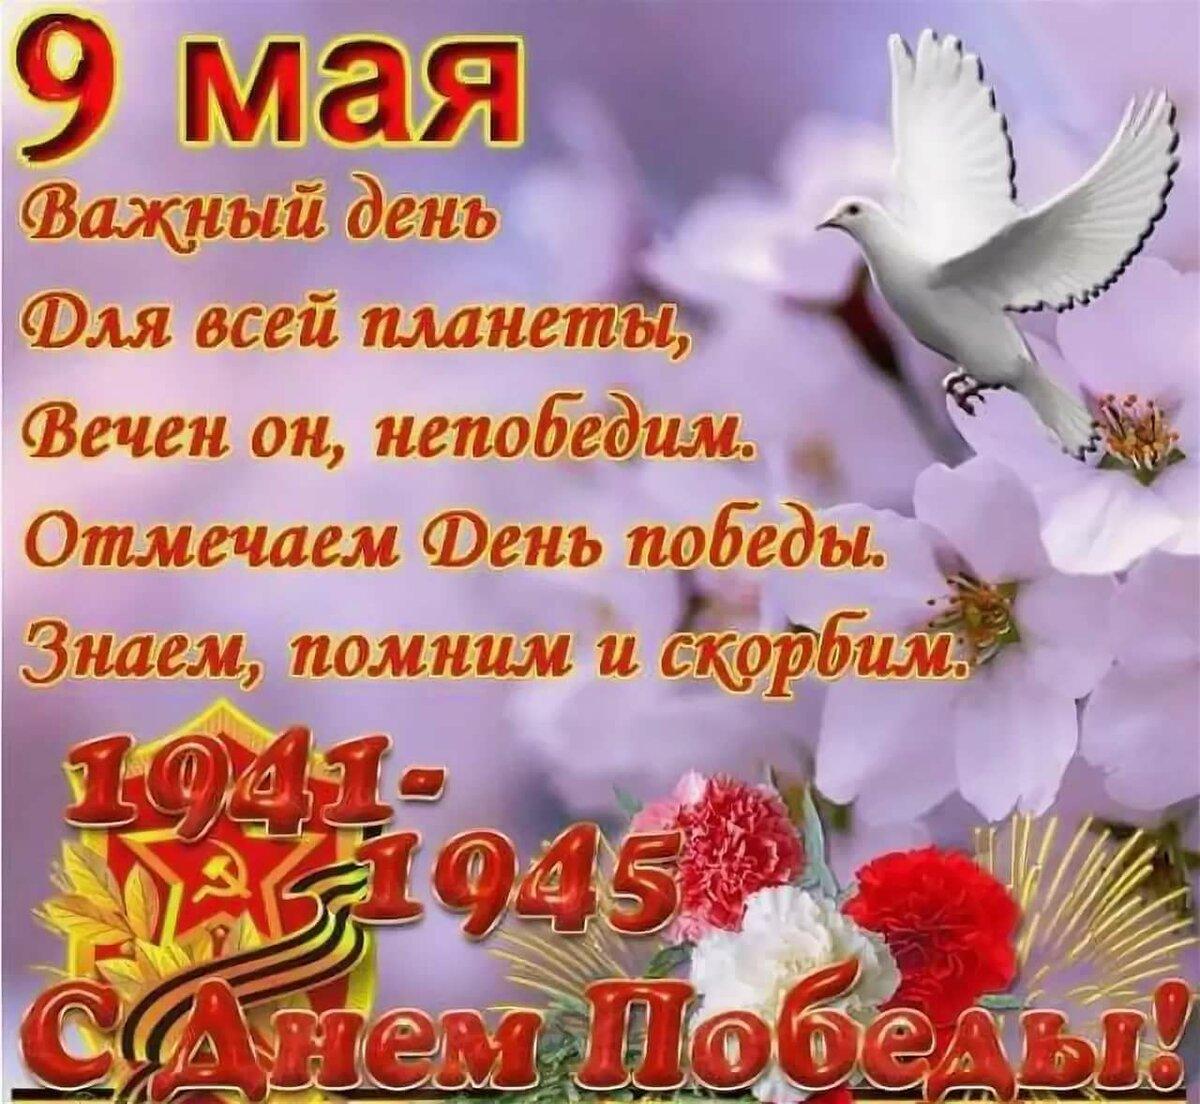 Поздравление с днем победы в стихах на открытку, грустными надписями